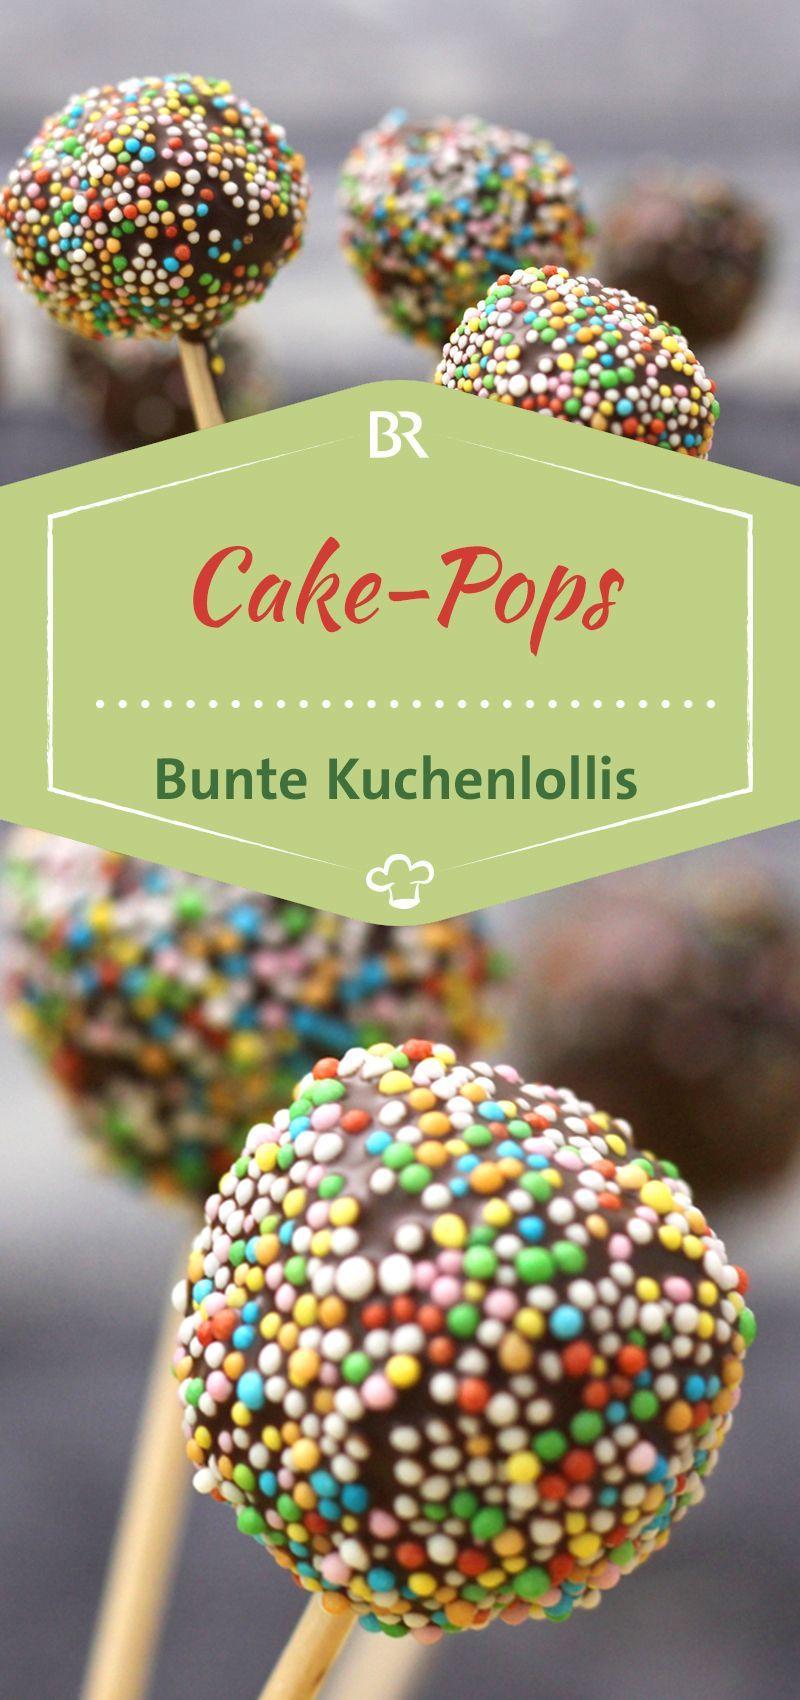 Cake Pops Rezept: Bunte Kuchenlollis selber machen | BR.de